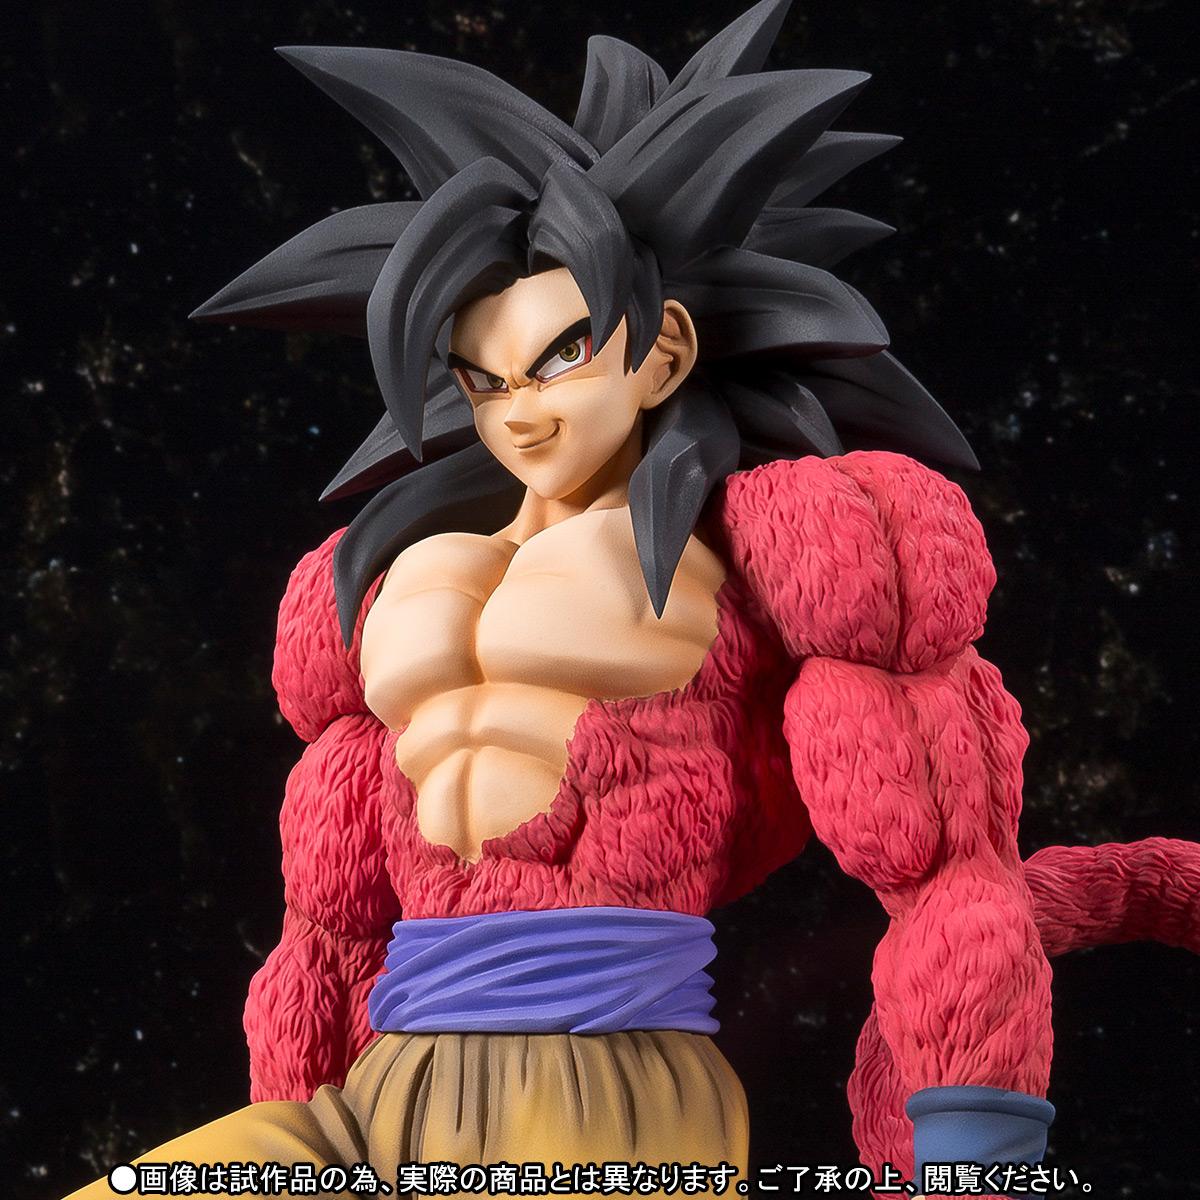 Figuarts Zero EX : Son Gokū Super Saiyan 4